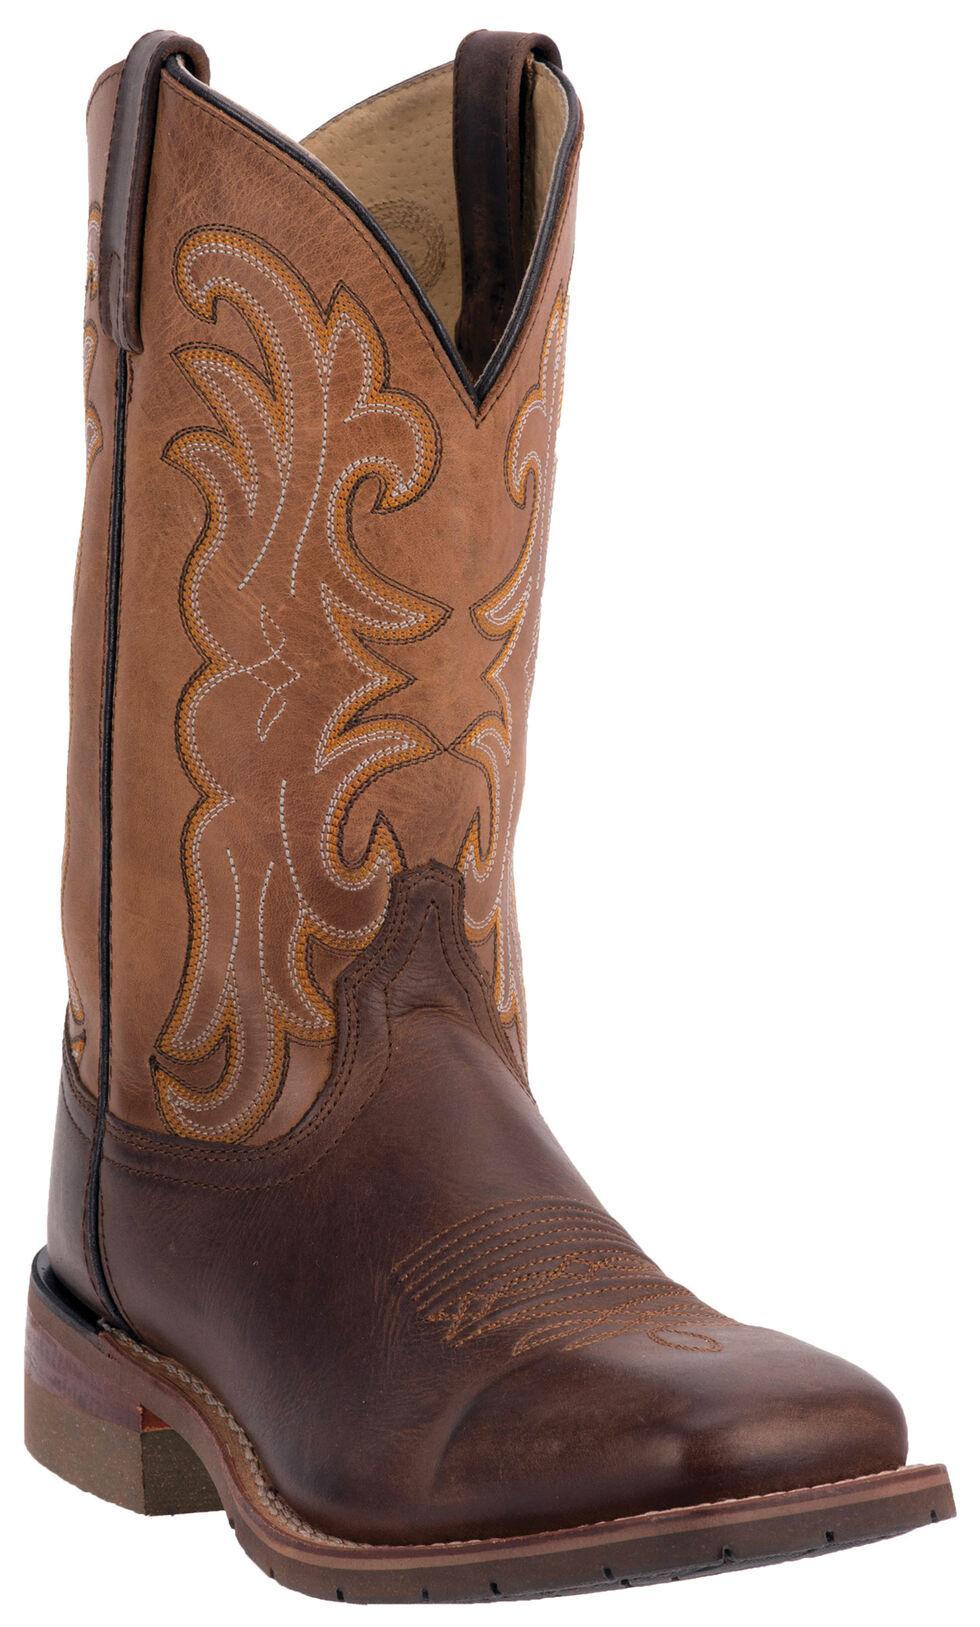 Dan Post Lingbergh Cowboy Boots - Wide Square Toe, Dark Brown, hi-res